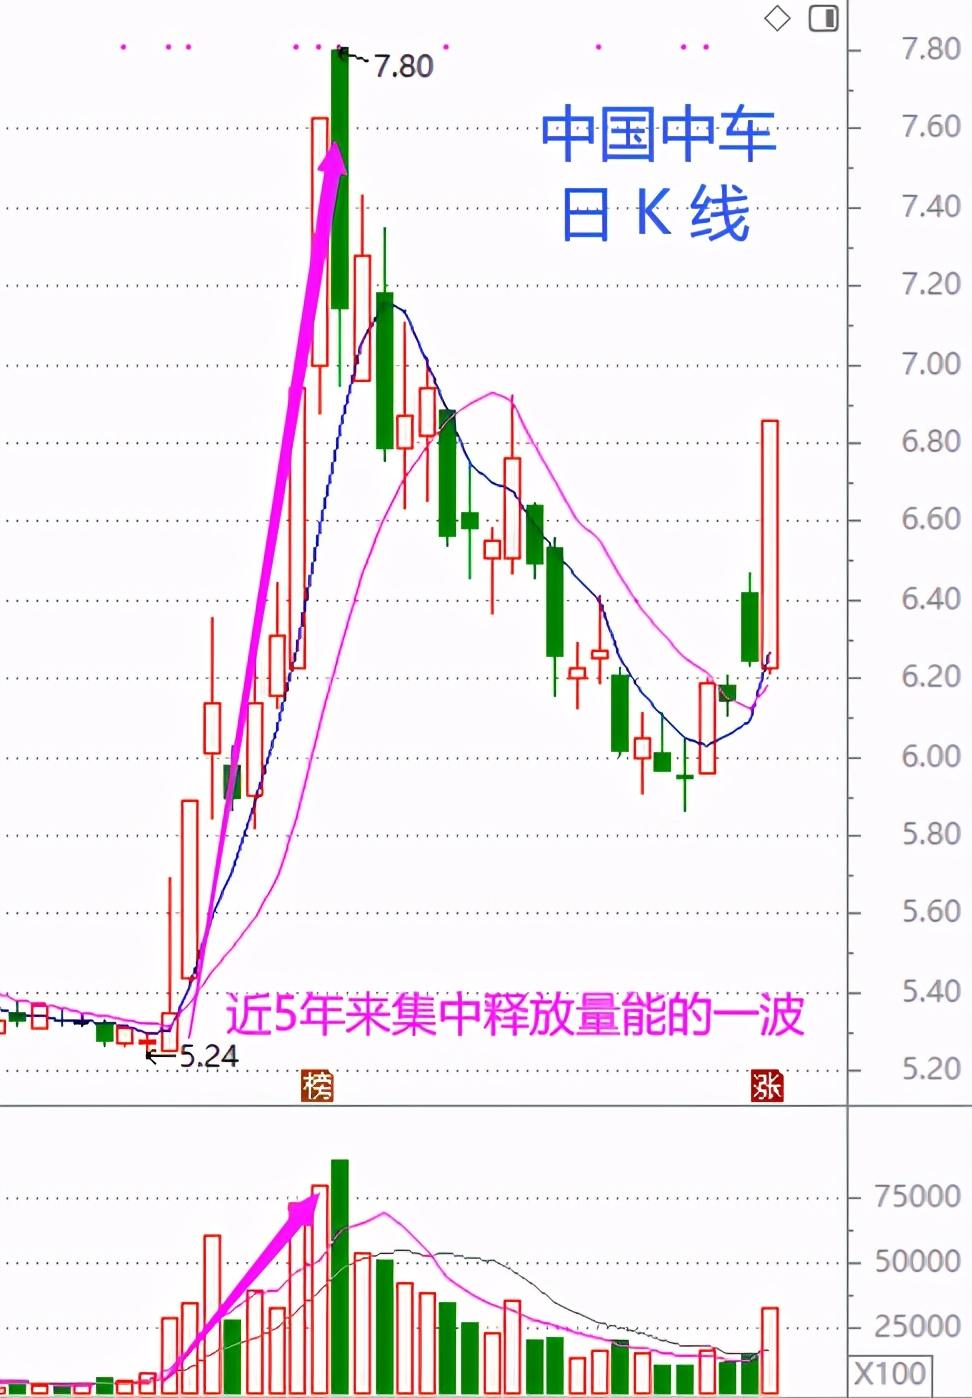 股市周总结:春节前后盘面特征(含视频版)